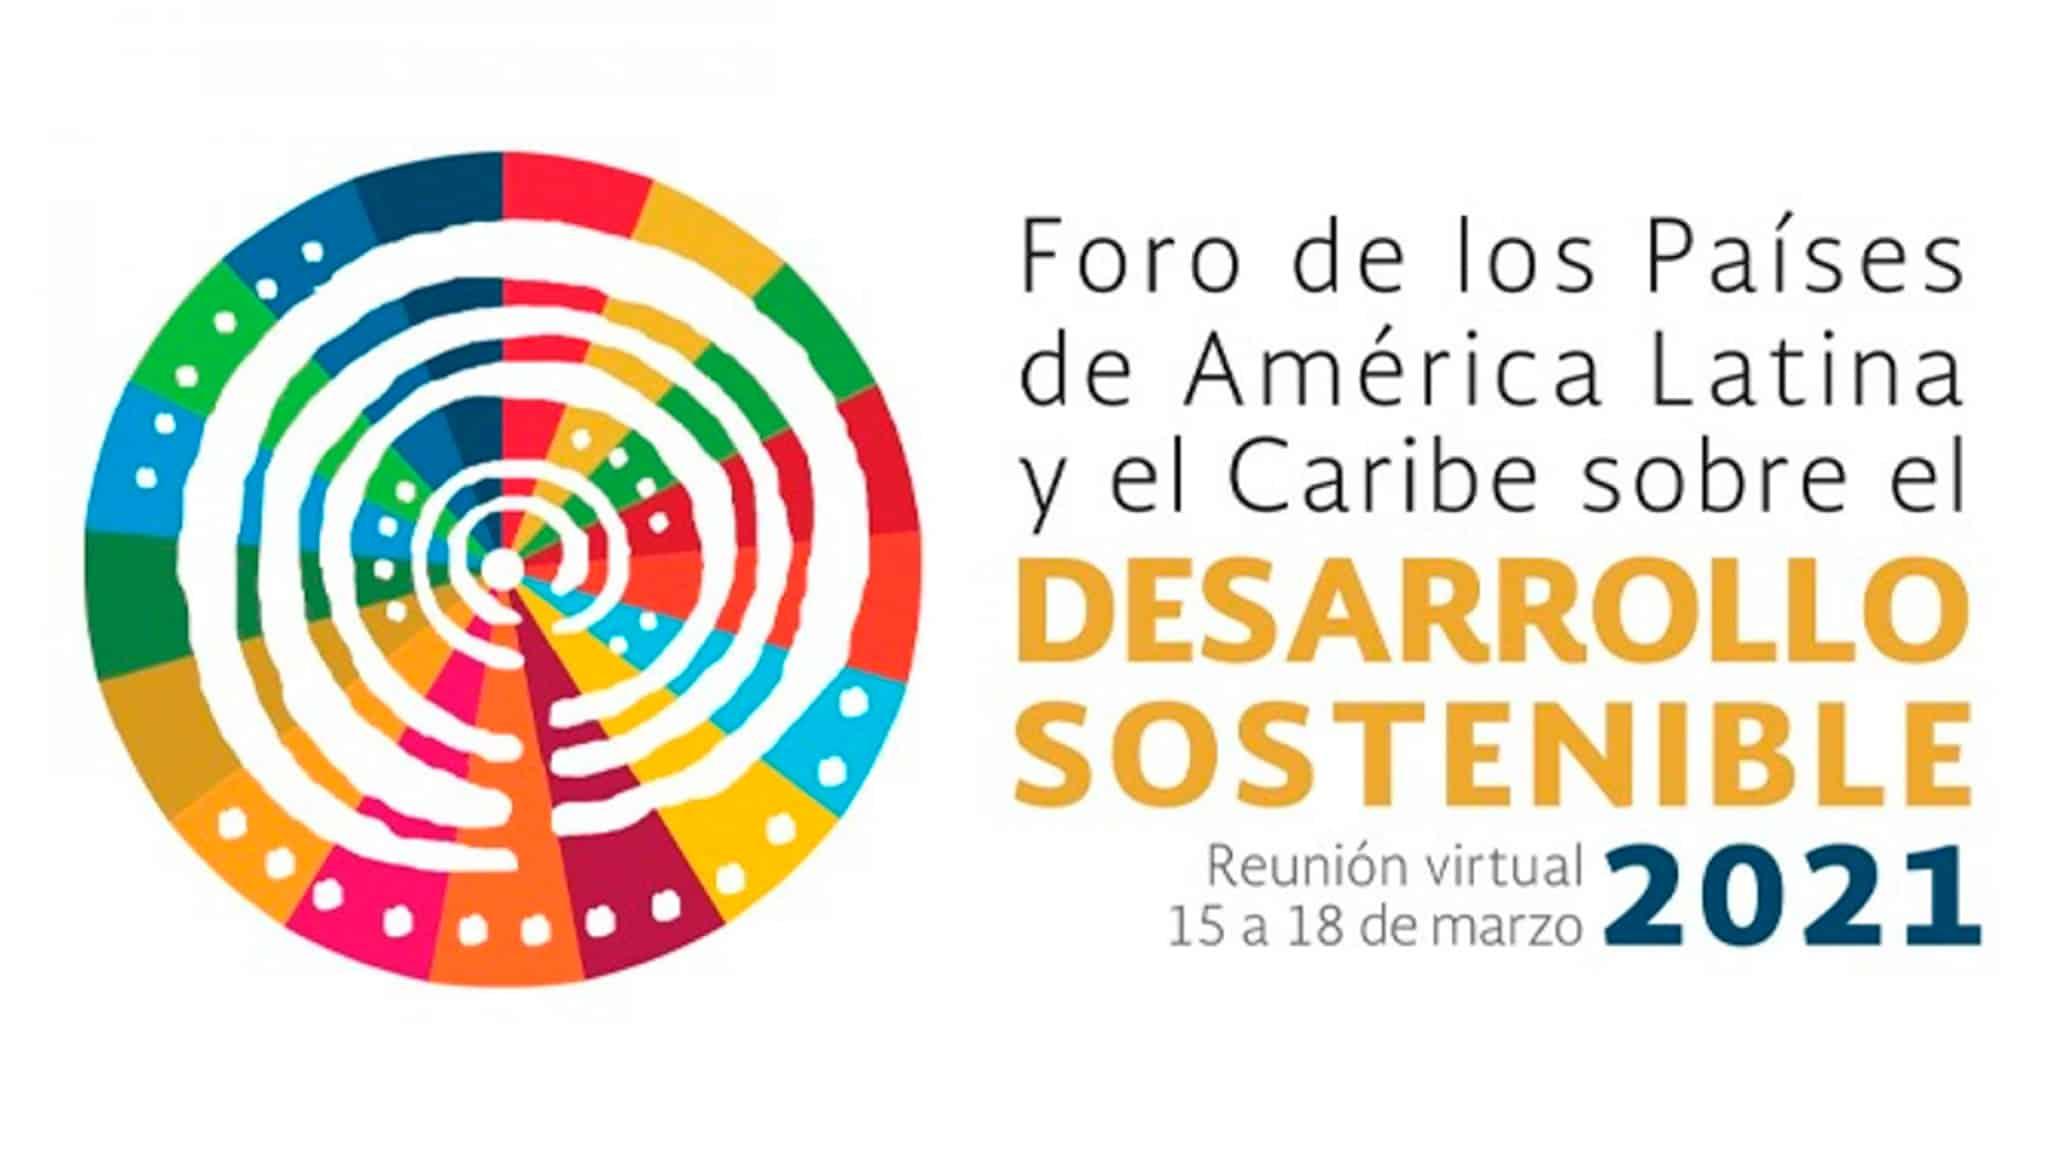 Metrics, Metricser, Análisis, Tendencias, Colaboraciones, CEPAL, Desarrollo Sostenible, ONU, Fake News, nueva era digital, impacto social, Javier murillo, Cuarta Reunión del Foro de los Países de América Latina y el Caribe sobre el Desarrollo Sostenible 2021, Covid19,